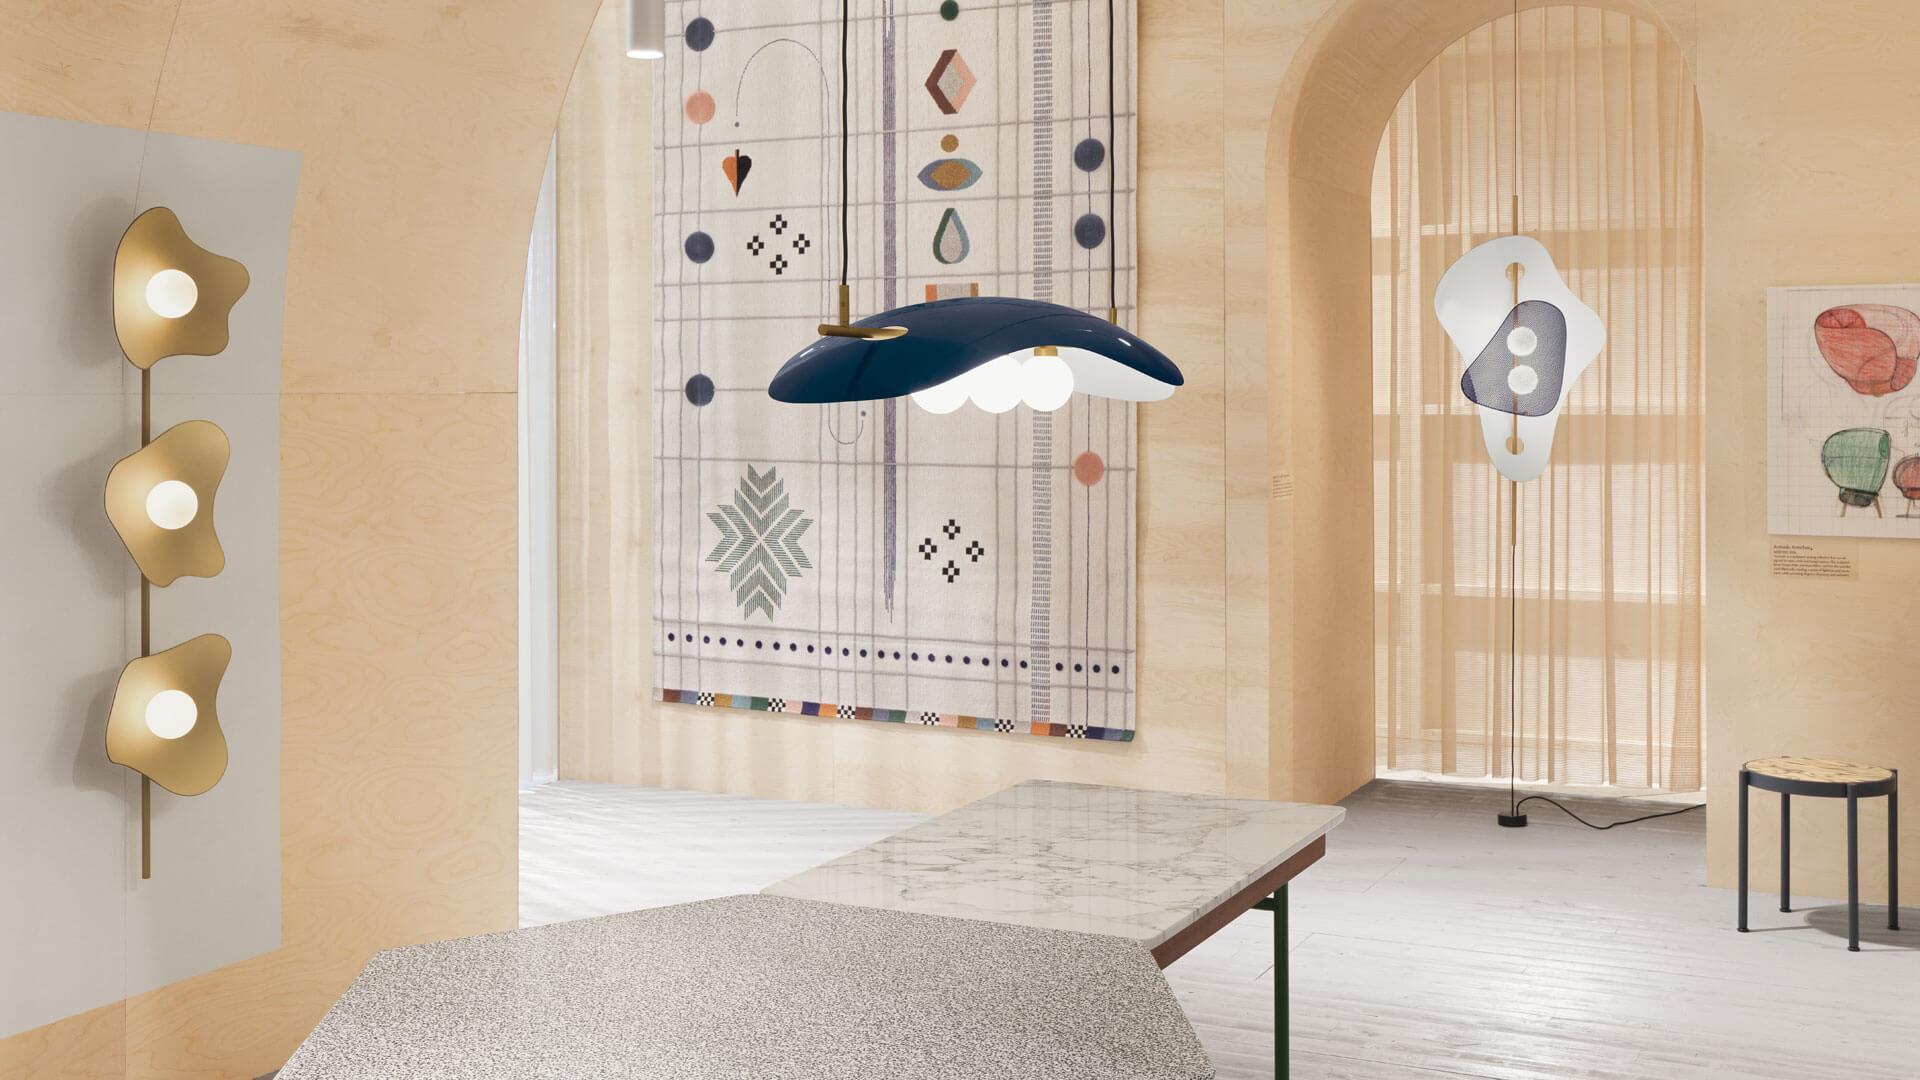 Pyöreät muodot, aidot materiaalit ja monokromaattinen värimaailma nousivat esiin Tukholmassa